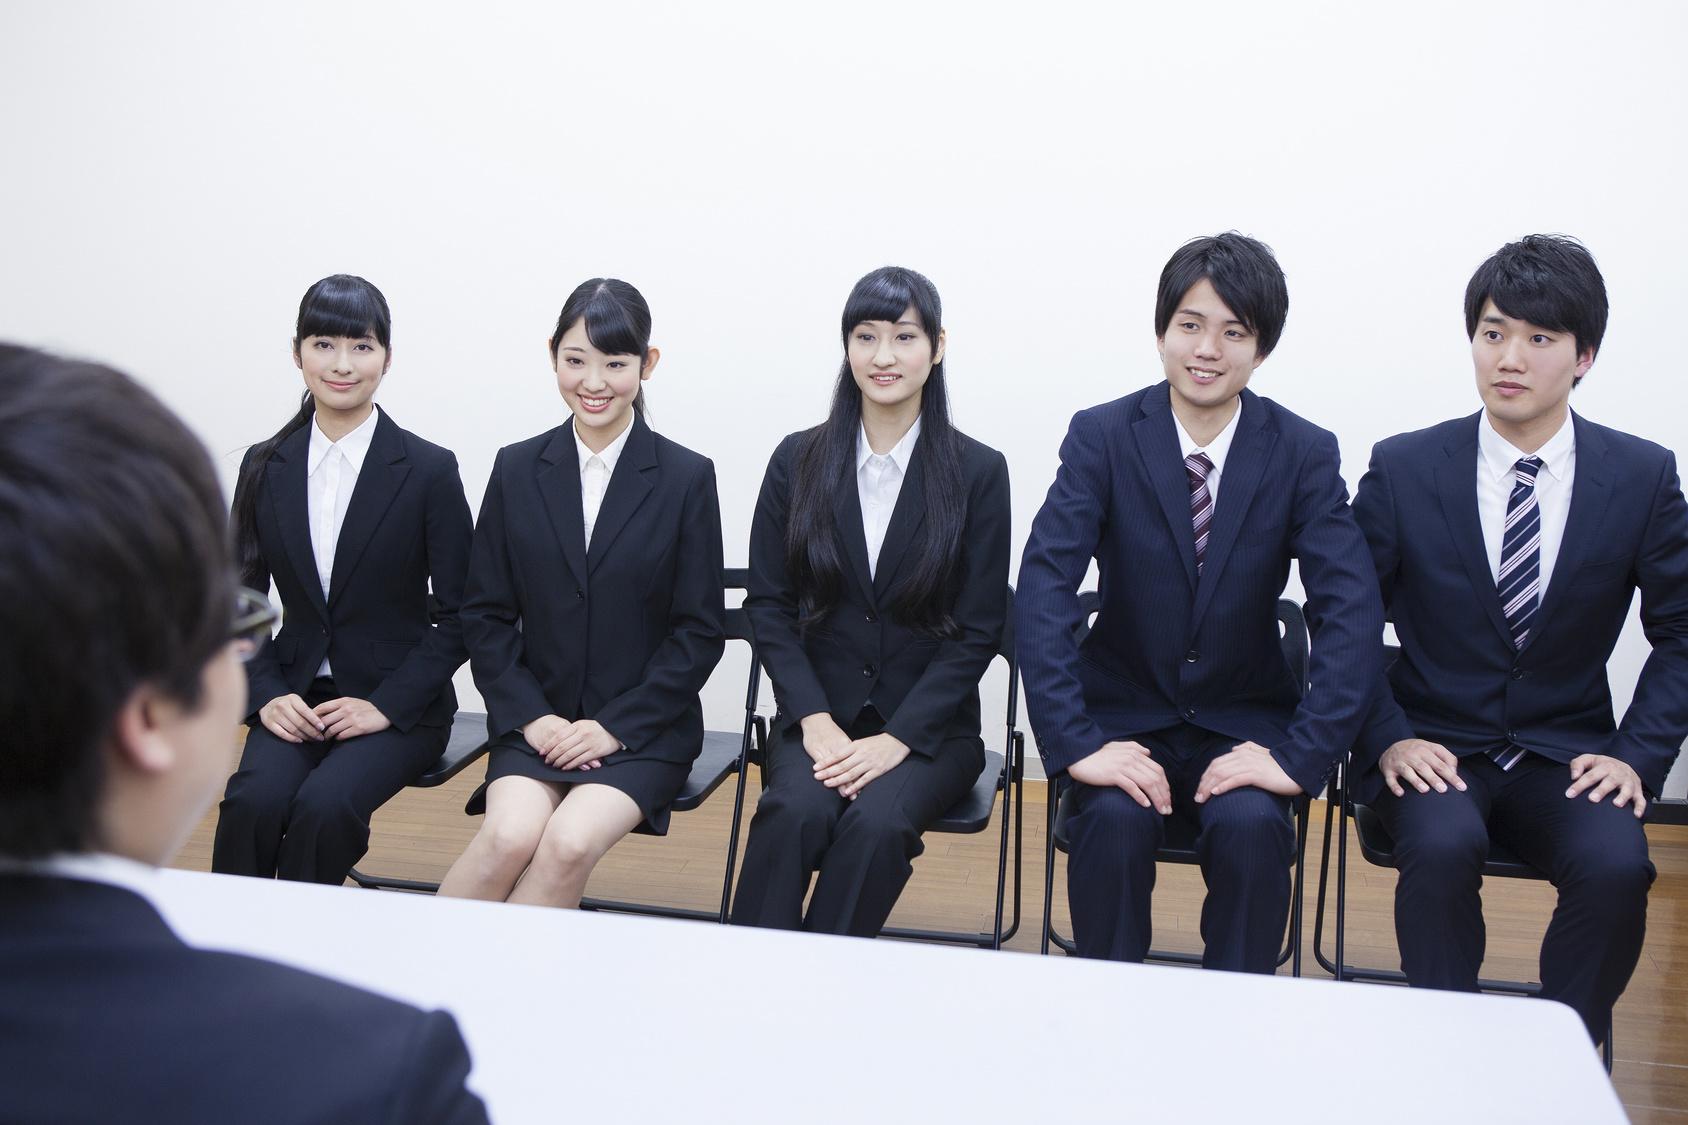 現役転職エージェントが教える転職面接の基本マナー講座① 服装